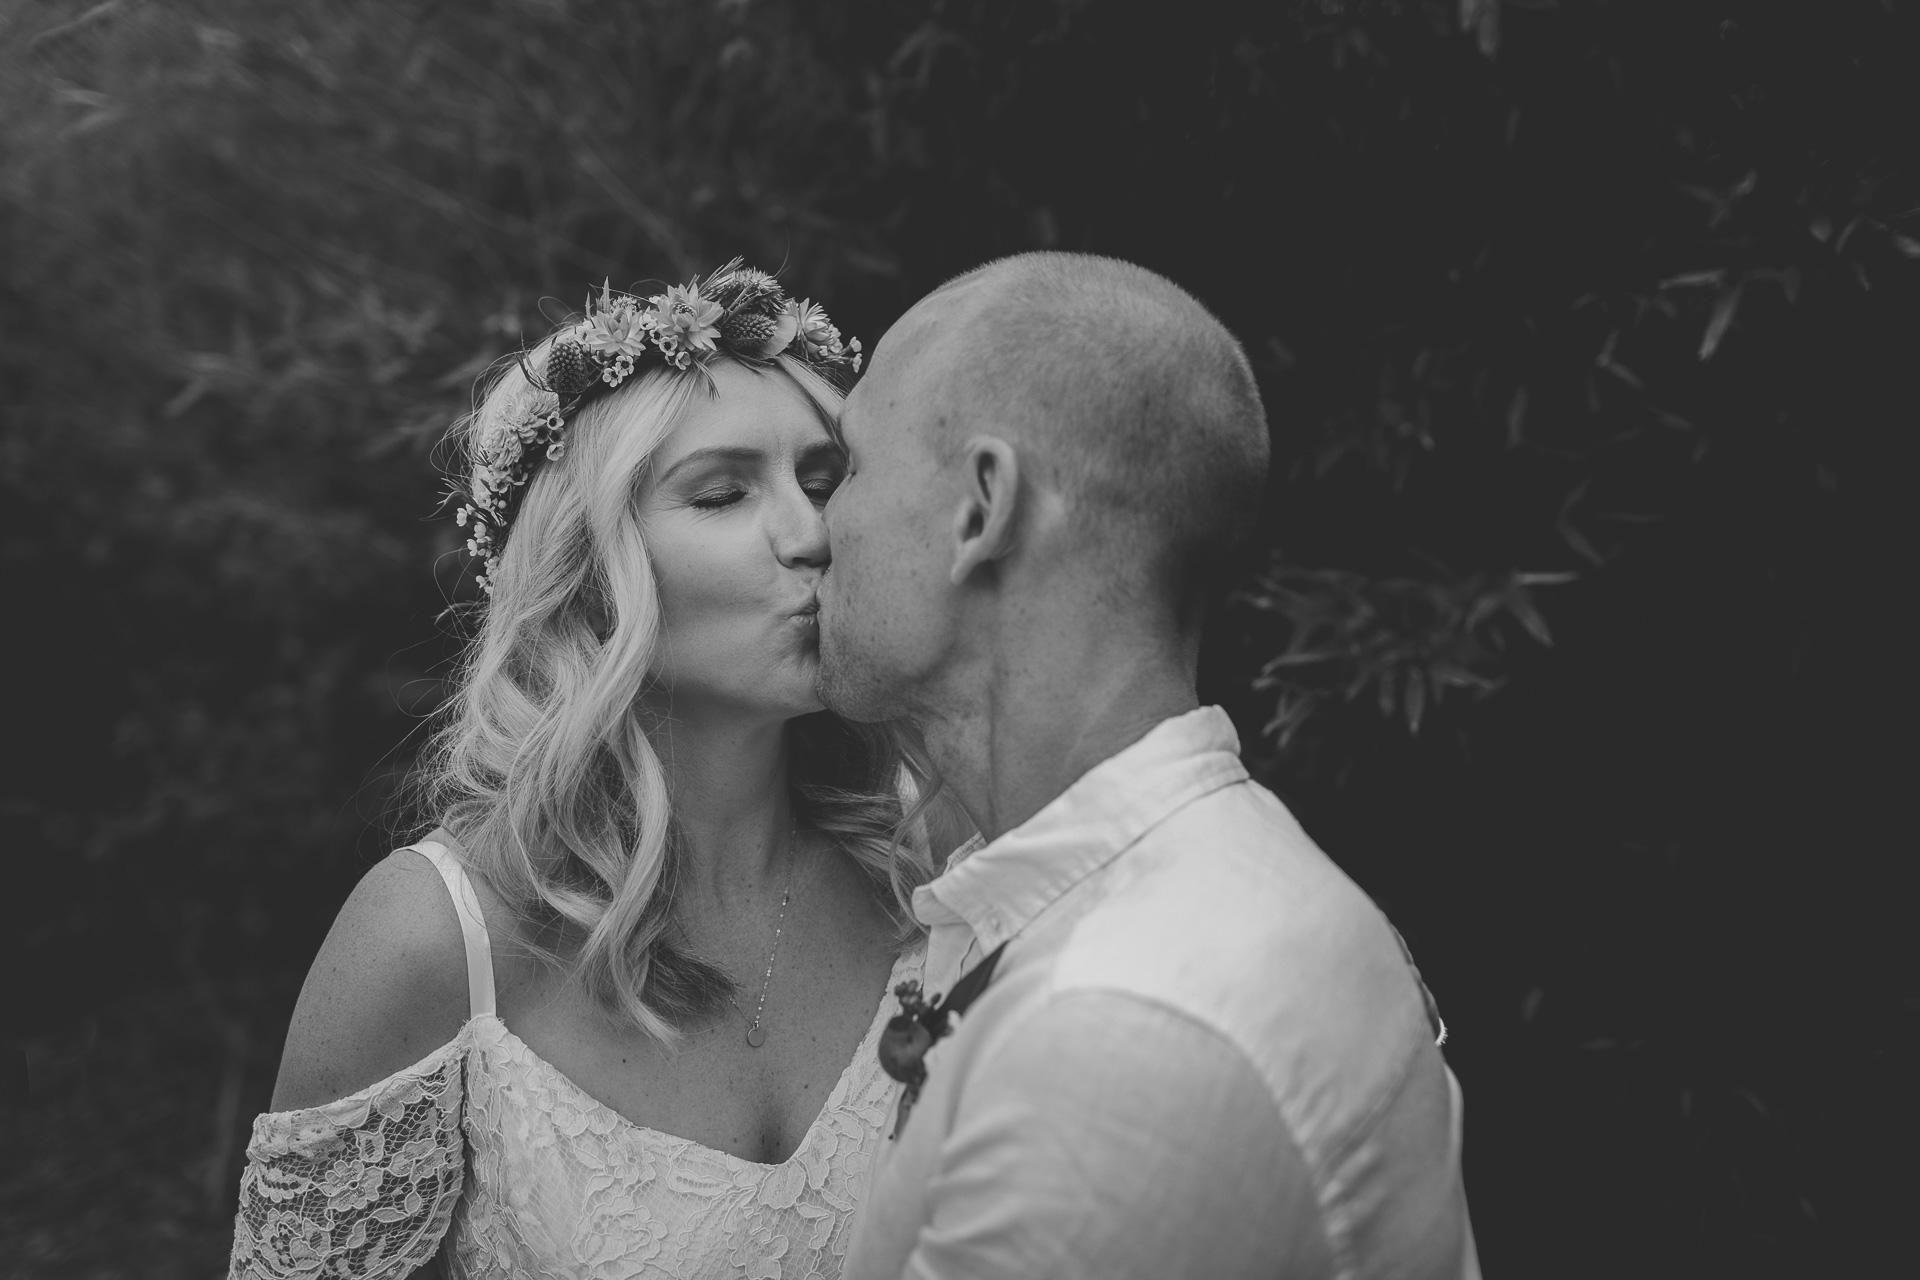 20161125 - Sublime+Point+Wedding+Beth+Ian | 255-2.jpg